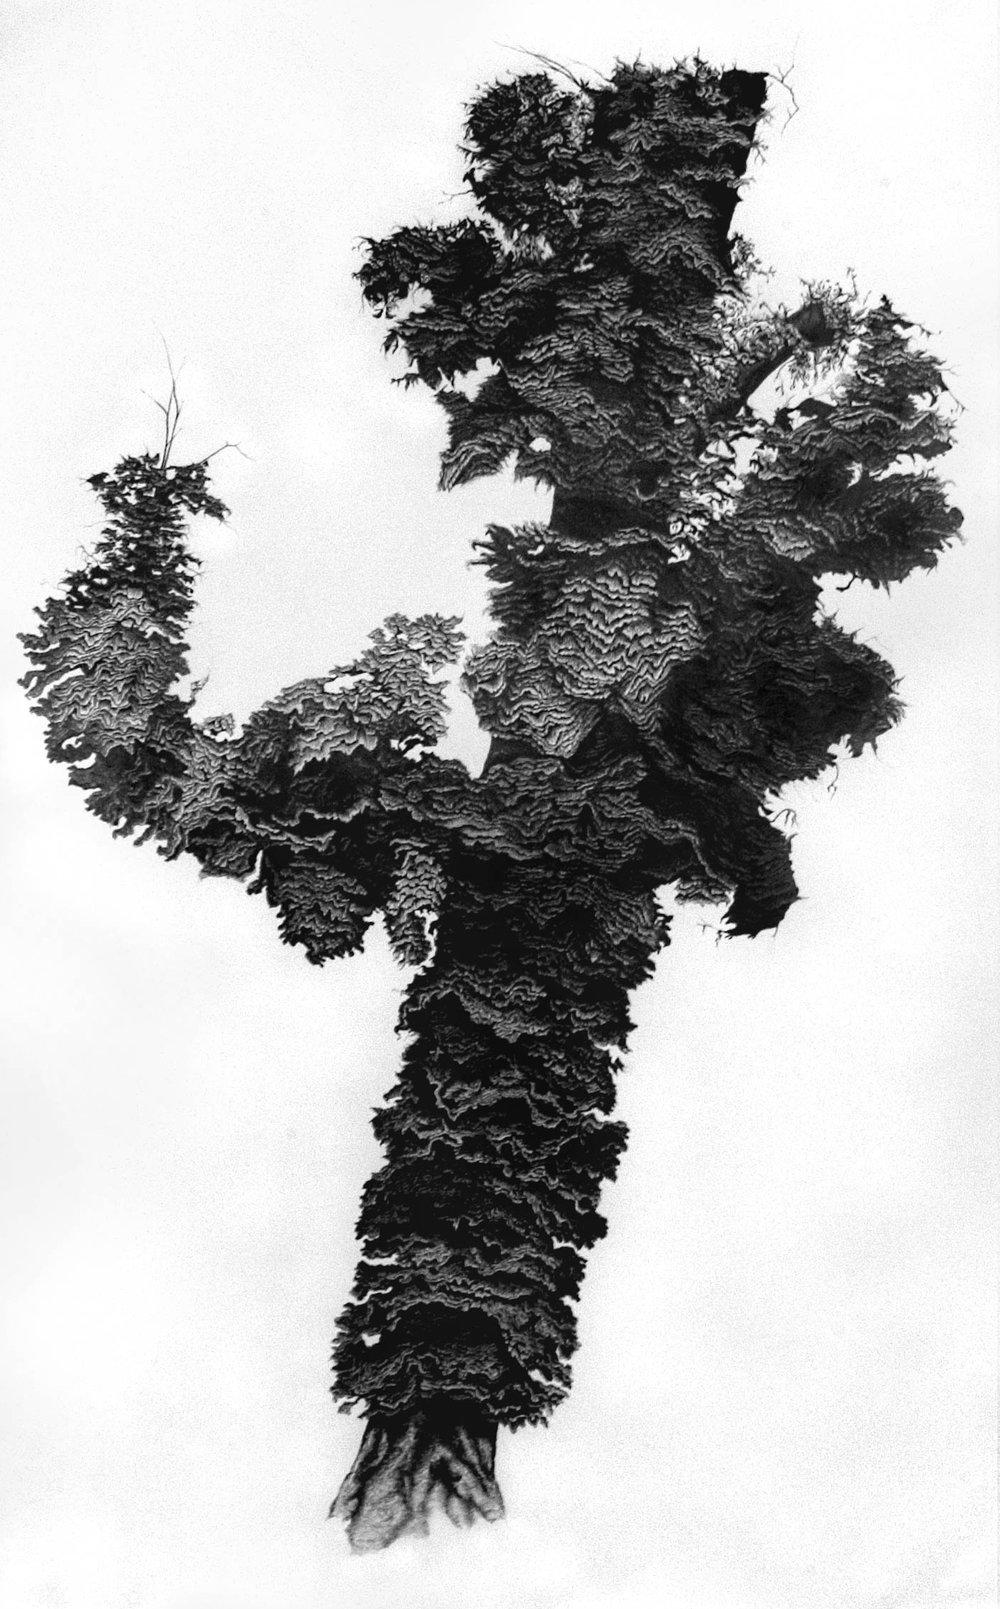 Aesculus Hippocastanum II, Pencil on paper, 266 x 168cm, 2005